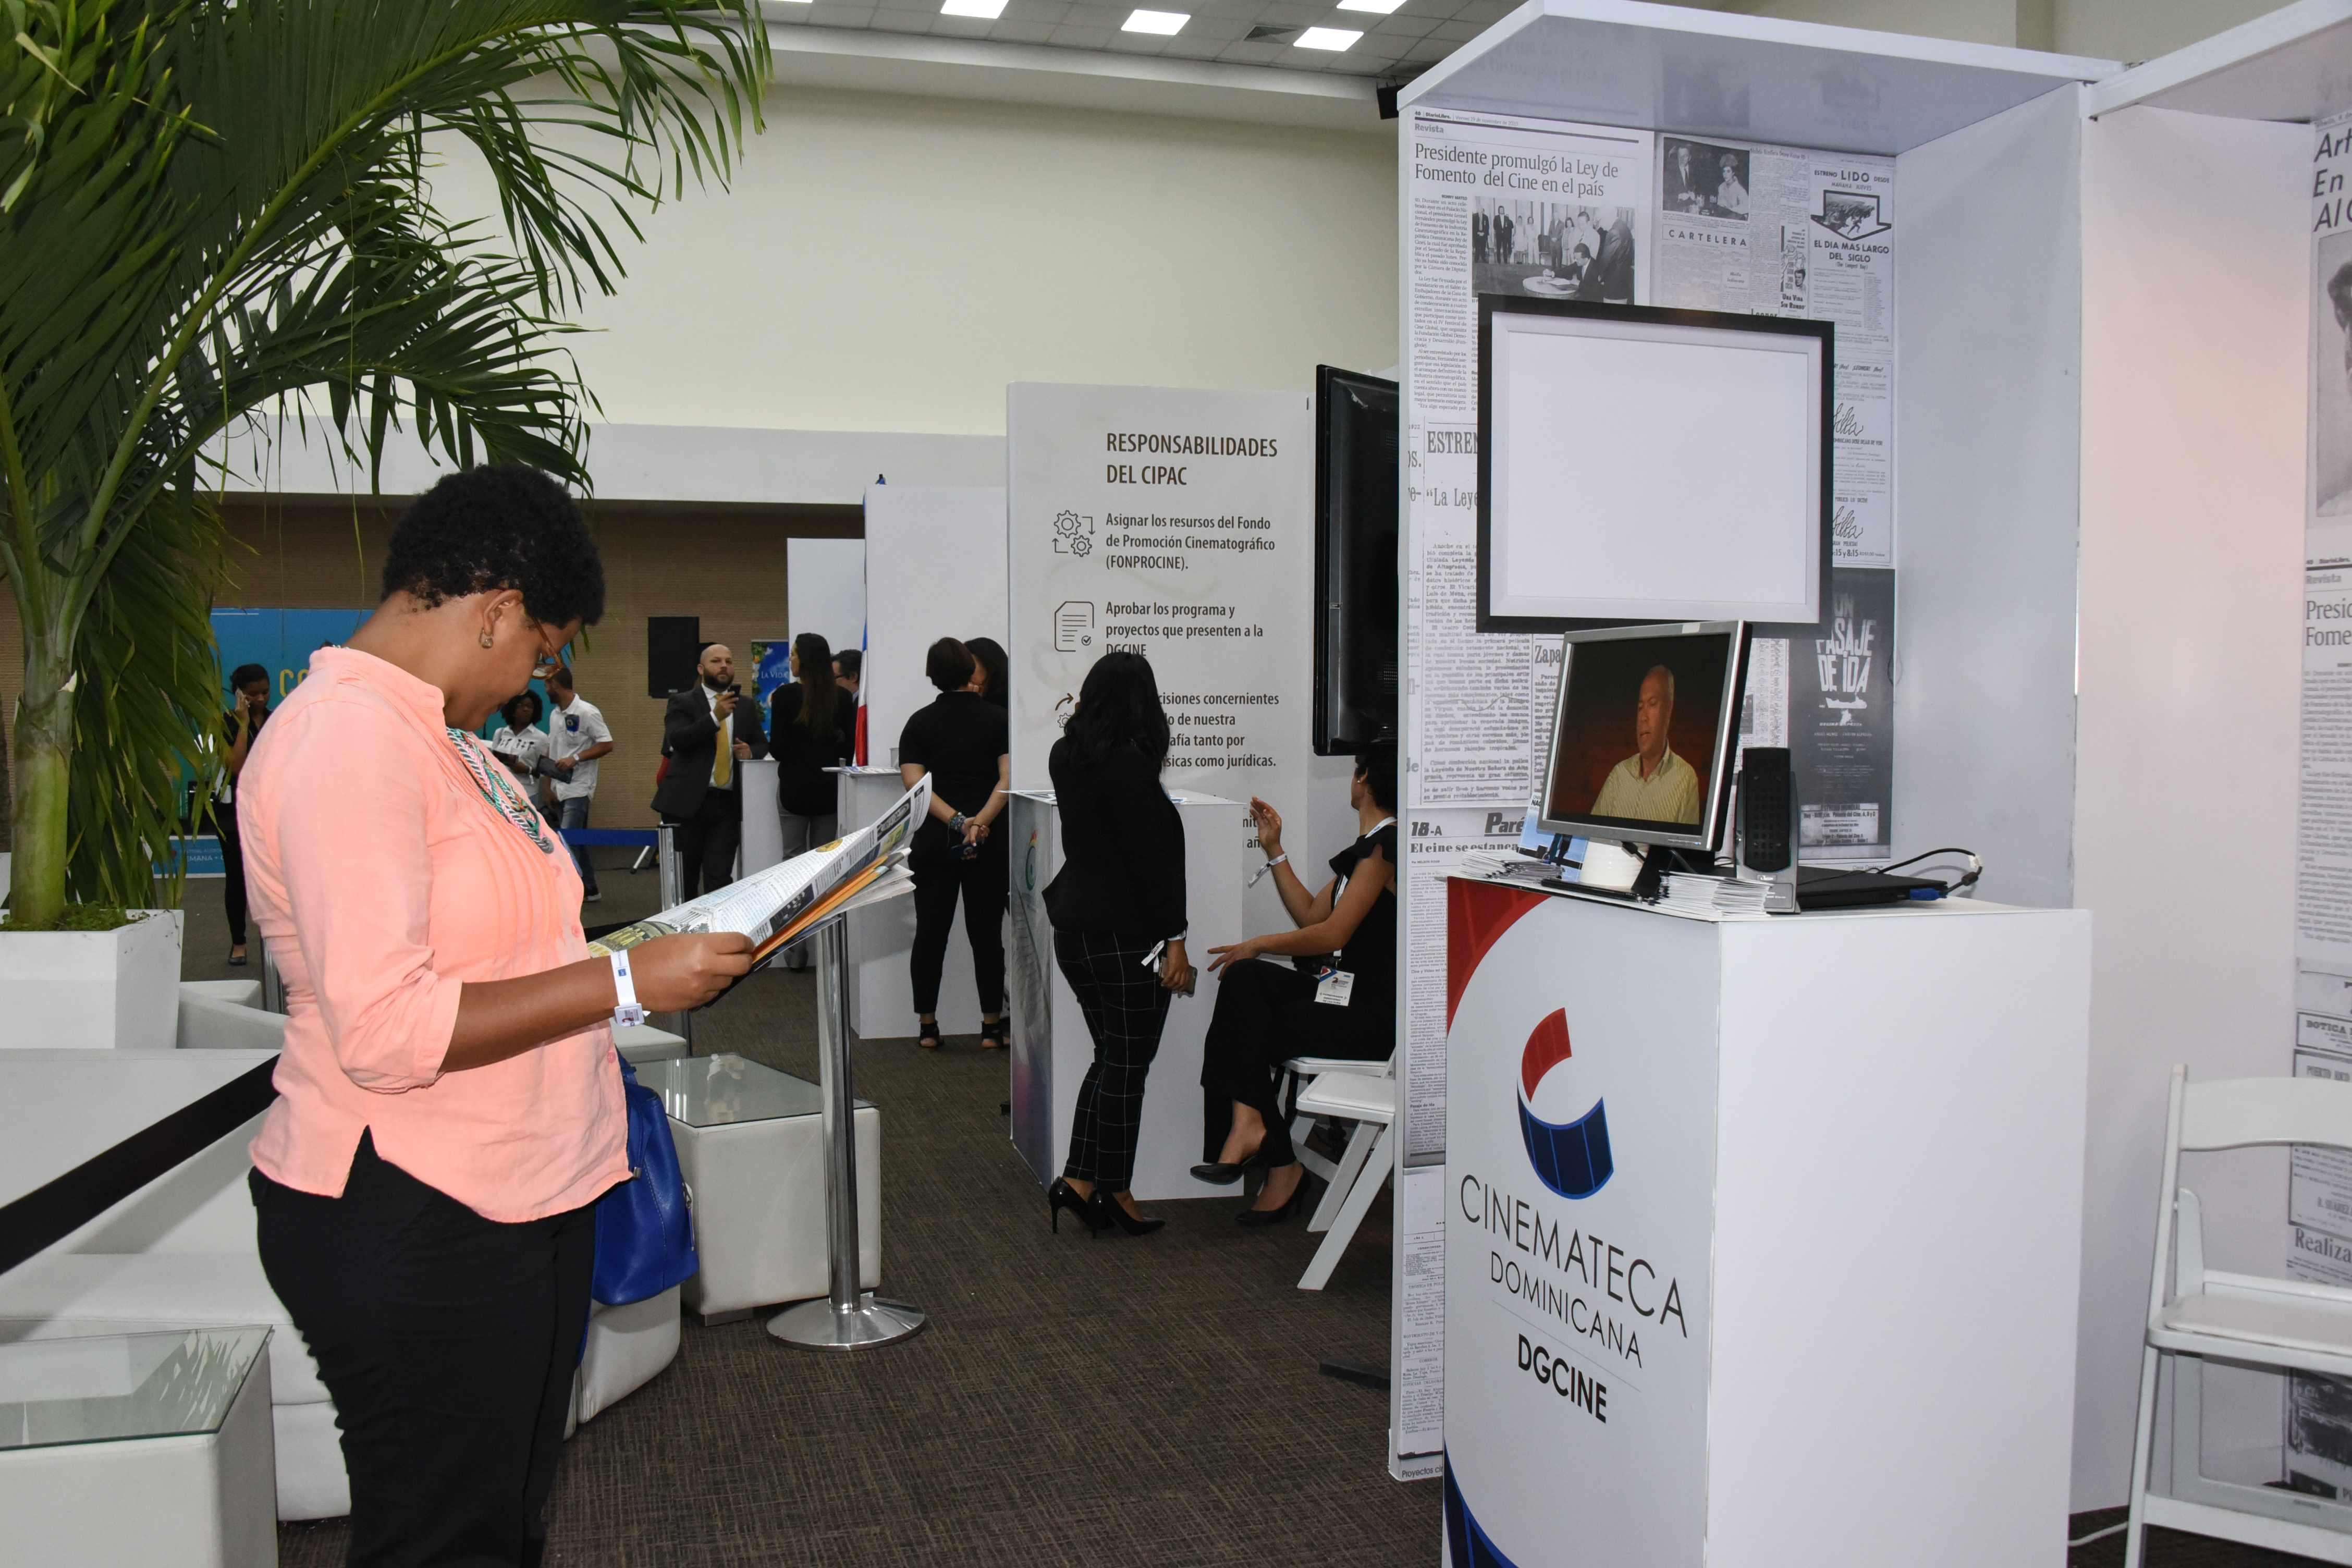 Cultura expone en congreso su rol en la aplicación de la ley de cine